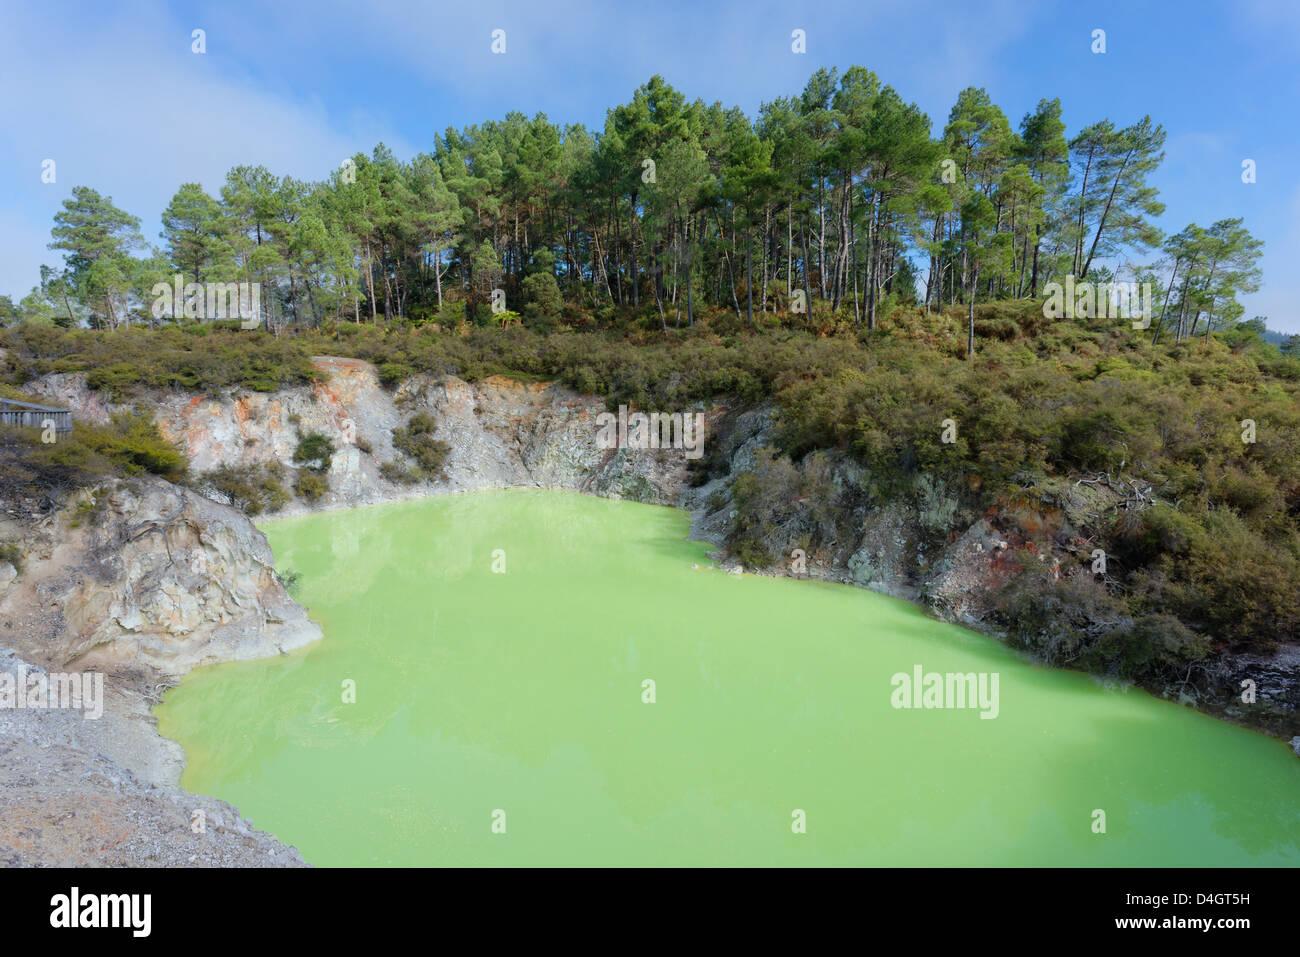 Devil's Bath, Waiotapu Thermal Area, Rotorua, North Island, New Zealand - Stock Image